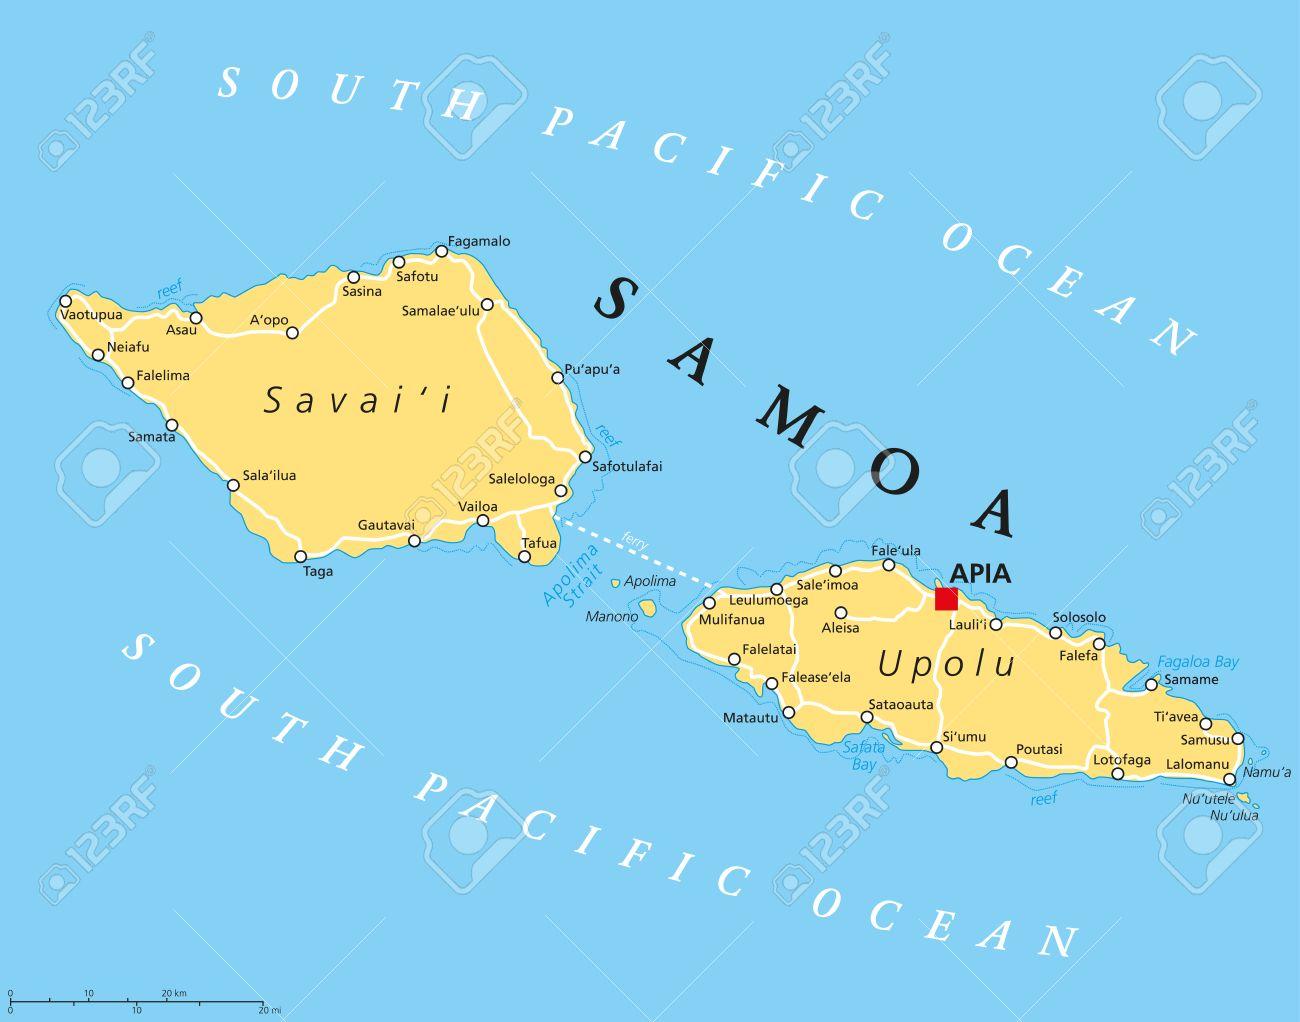 Mapa Politico Con La Capital Apia Samoa Y Lugares Importantes Anteriormente Conocido Como Samoa Occidental Parte De Las Islas De Samoa Con Las